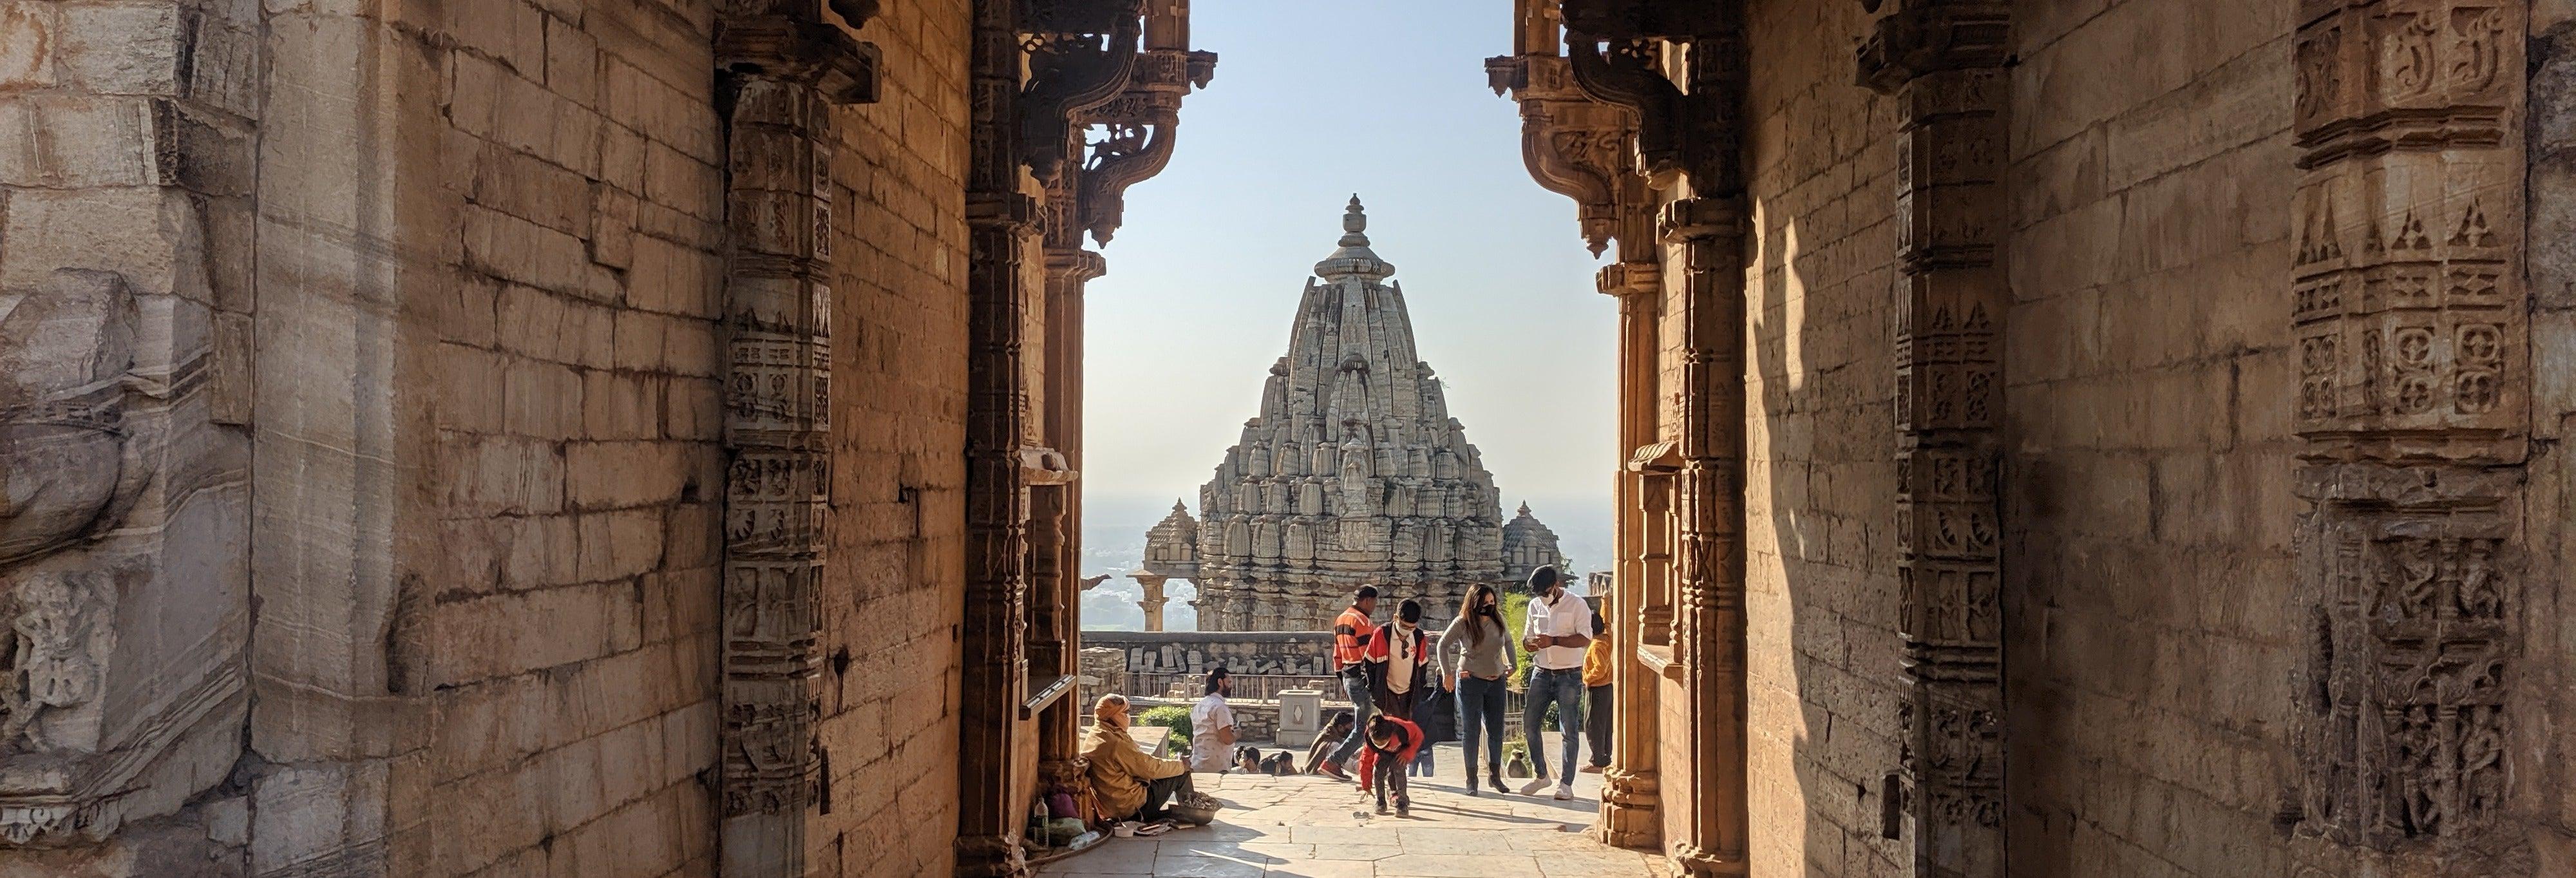 Excursión privada al templo de Brahma y fuerte Chittorgarh